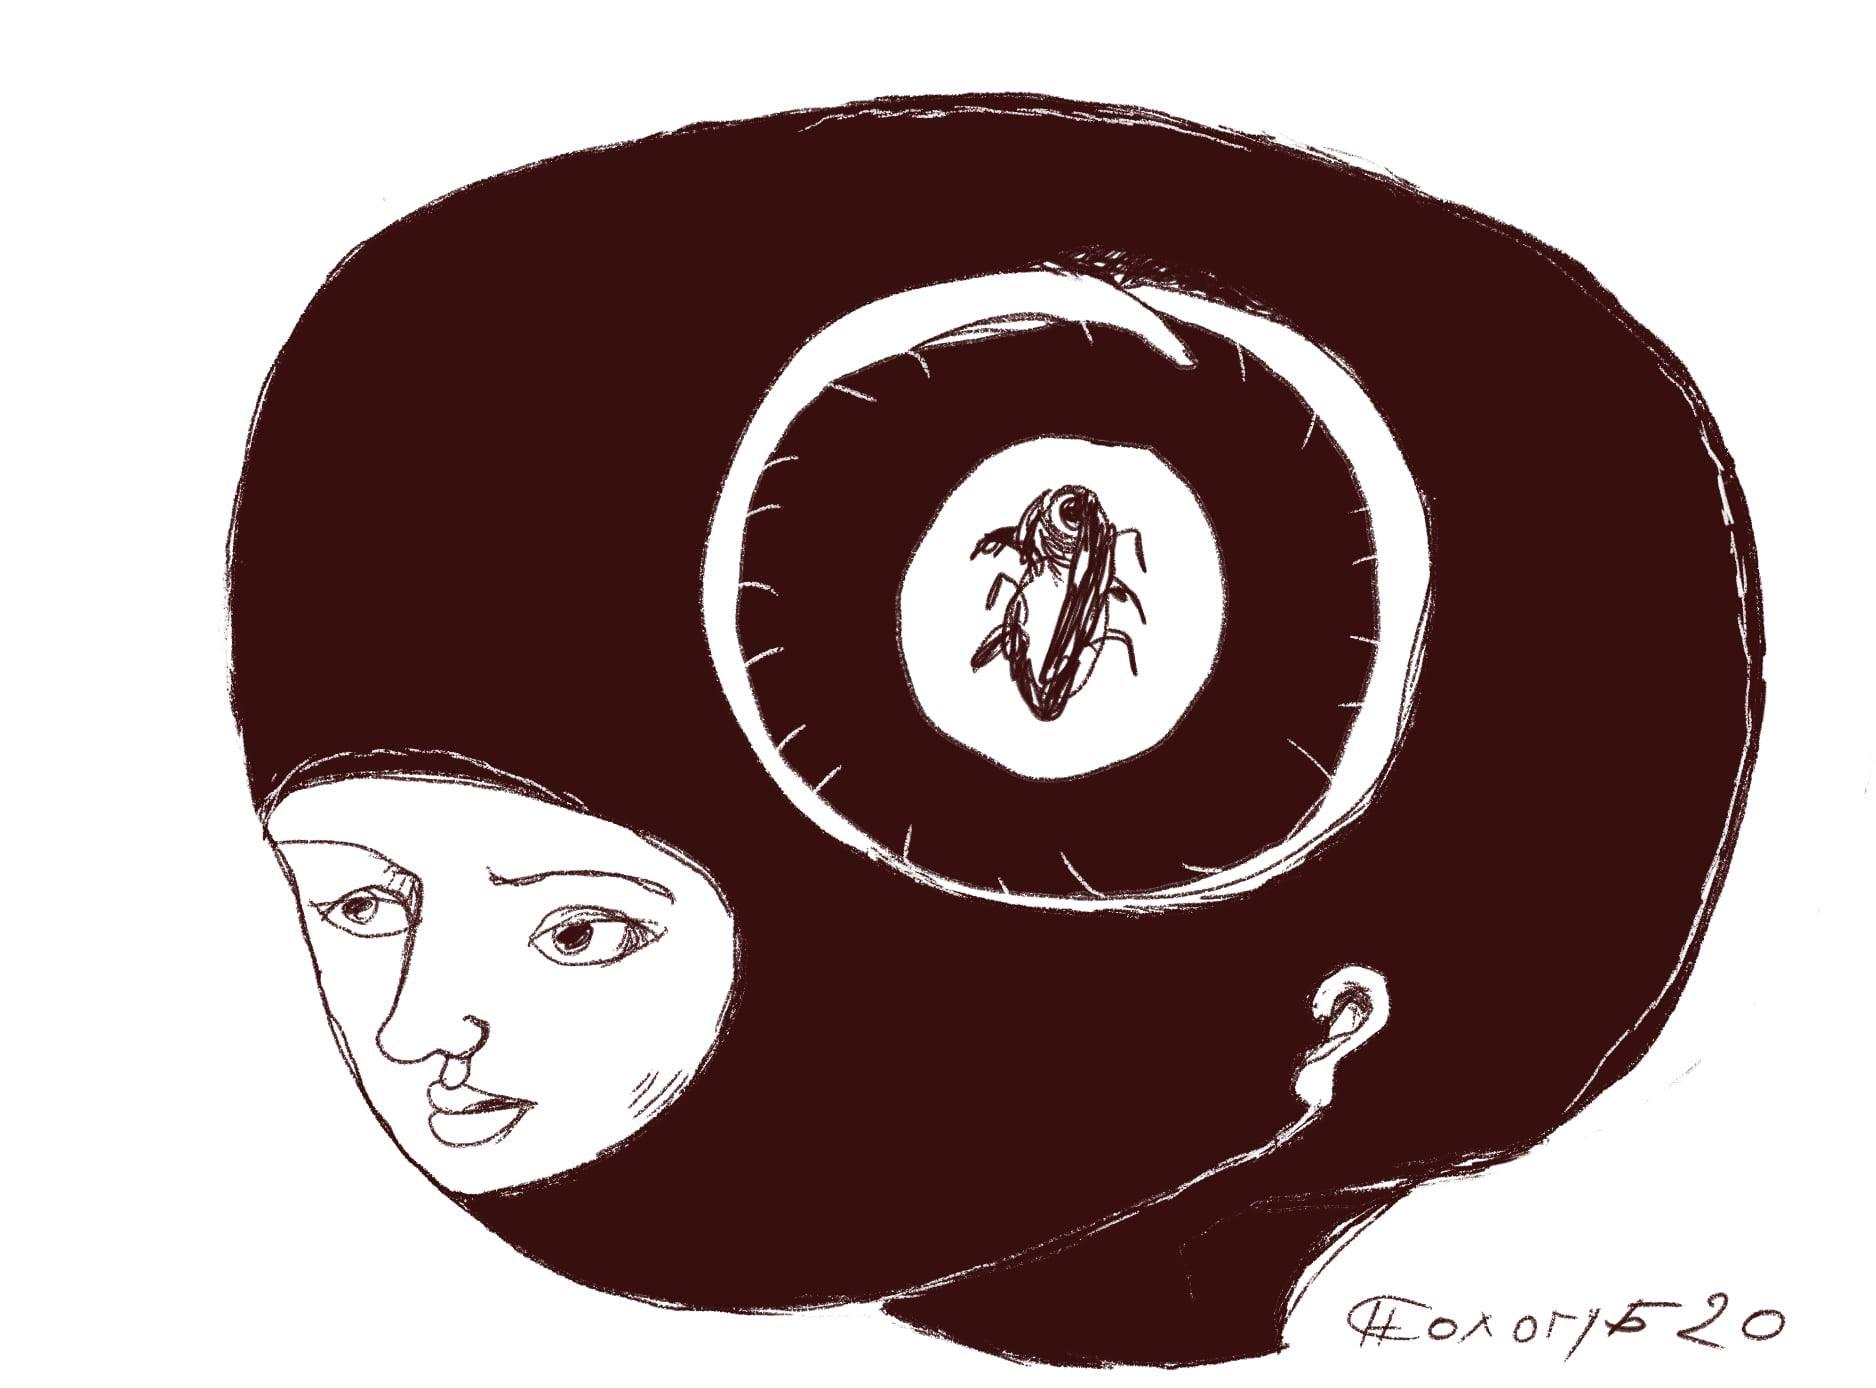 """Рисунок Николая Сологуб, """"образ таракана без головы и мысли о нём без головы, потому что головы им не нужны, так-как они"""